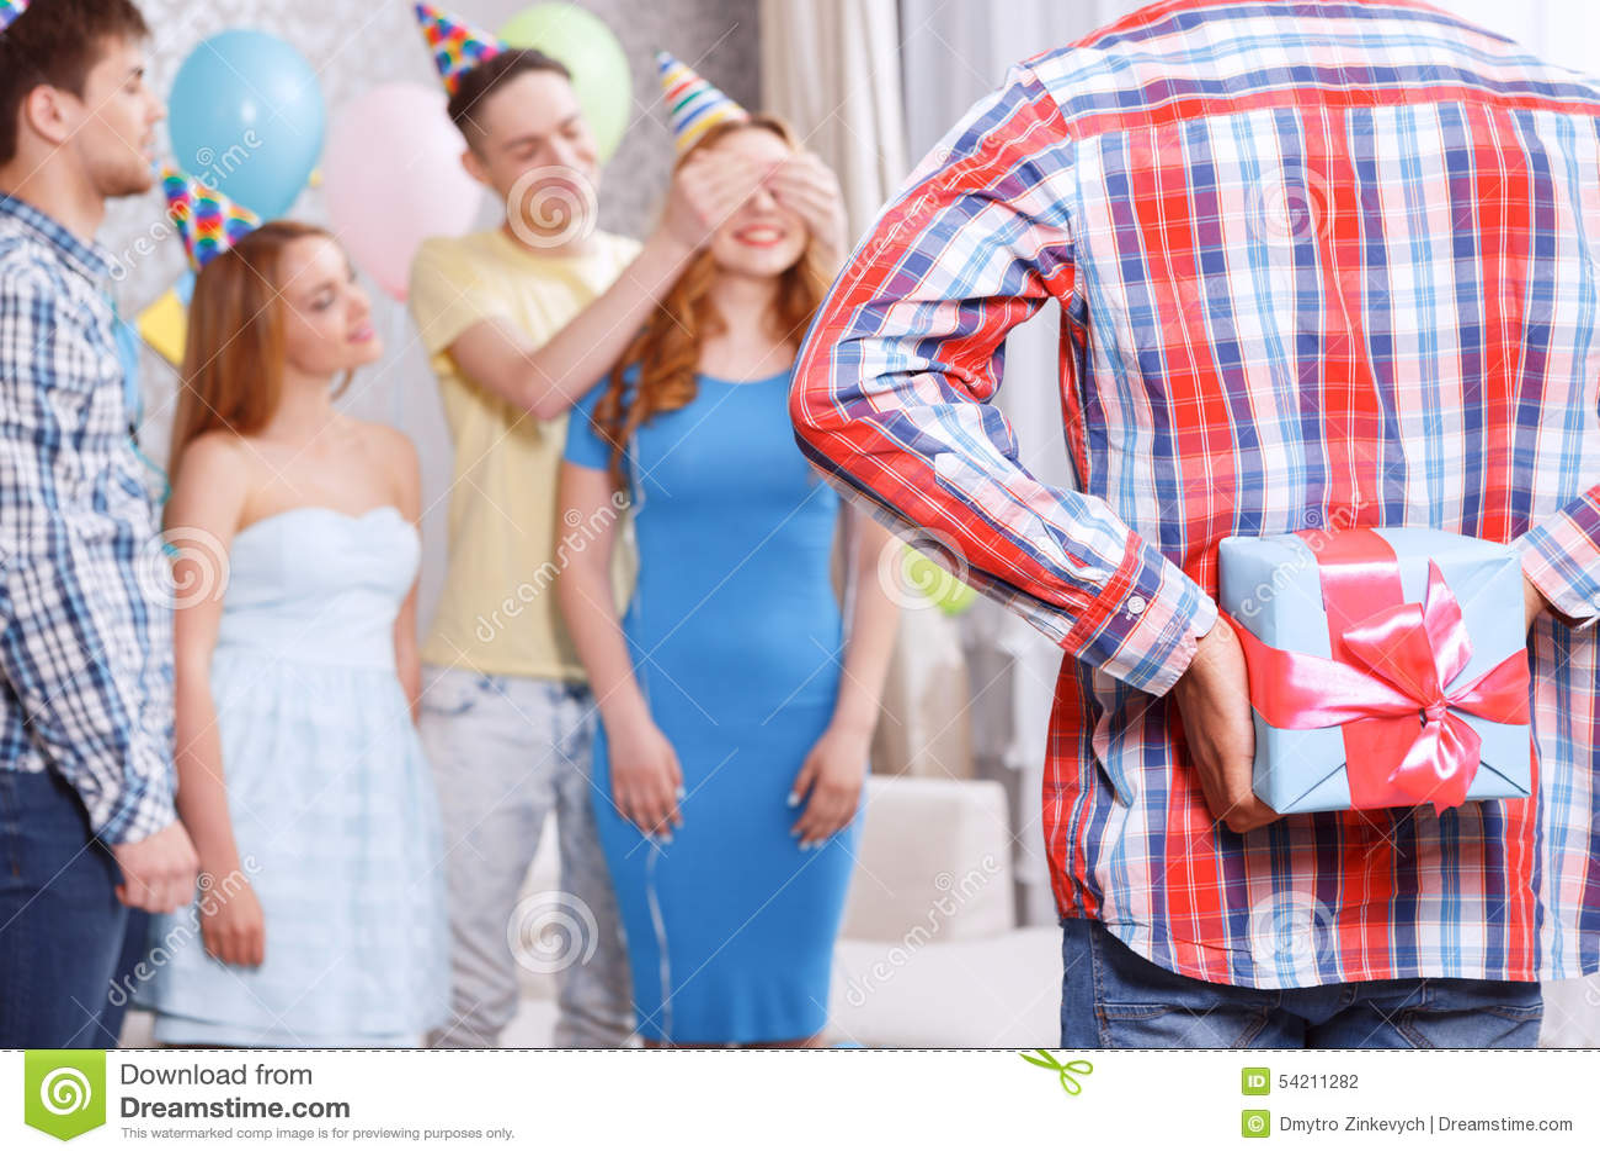 Młode dziewczyny otrzymywa teraźniejszość przy przyjęciem urodzinowym